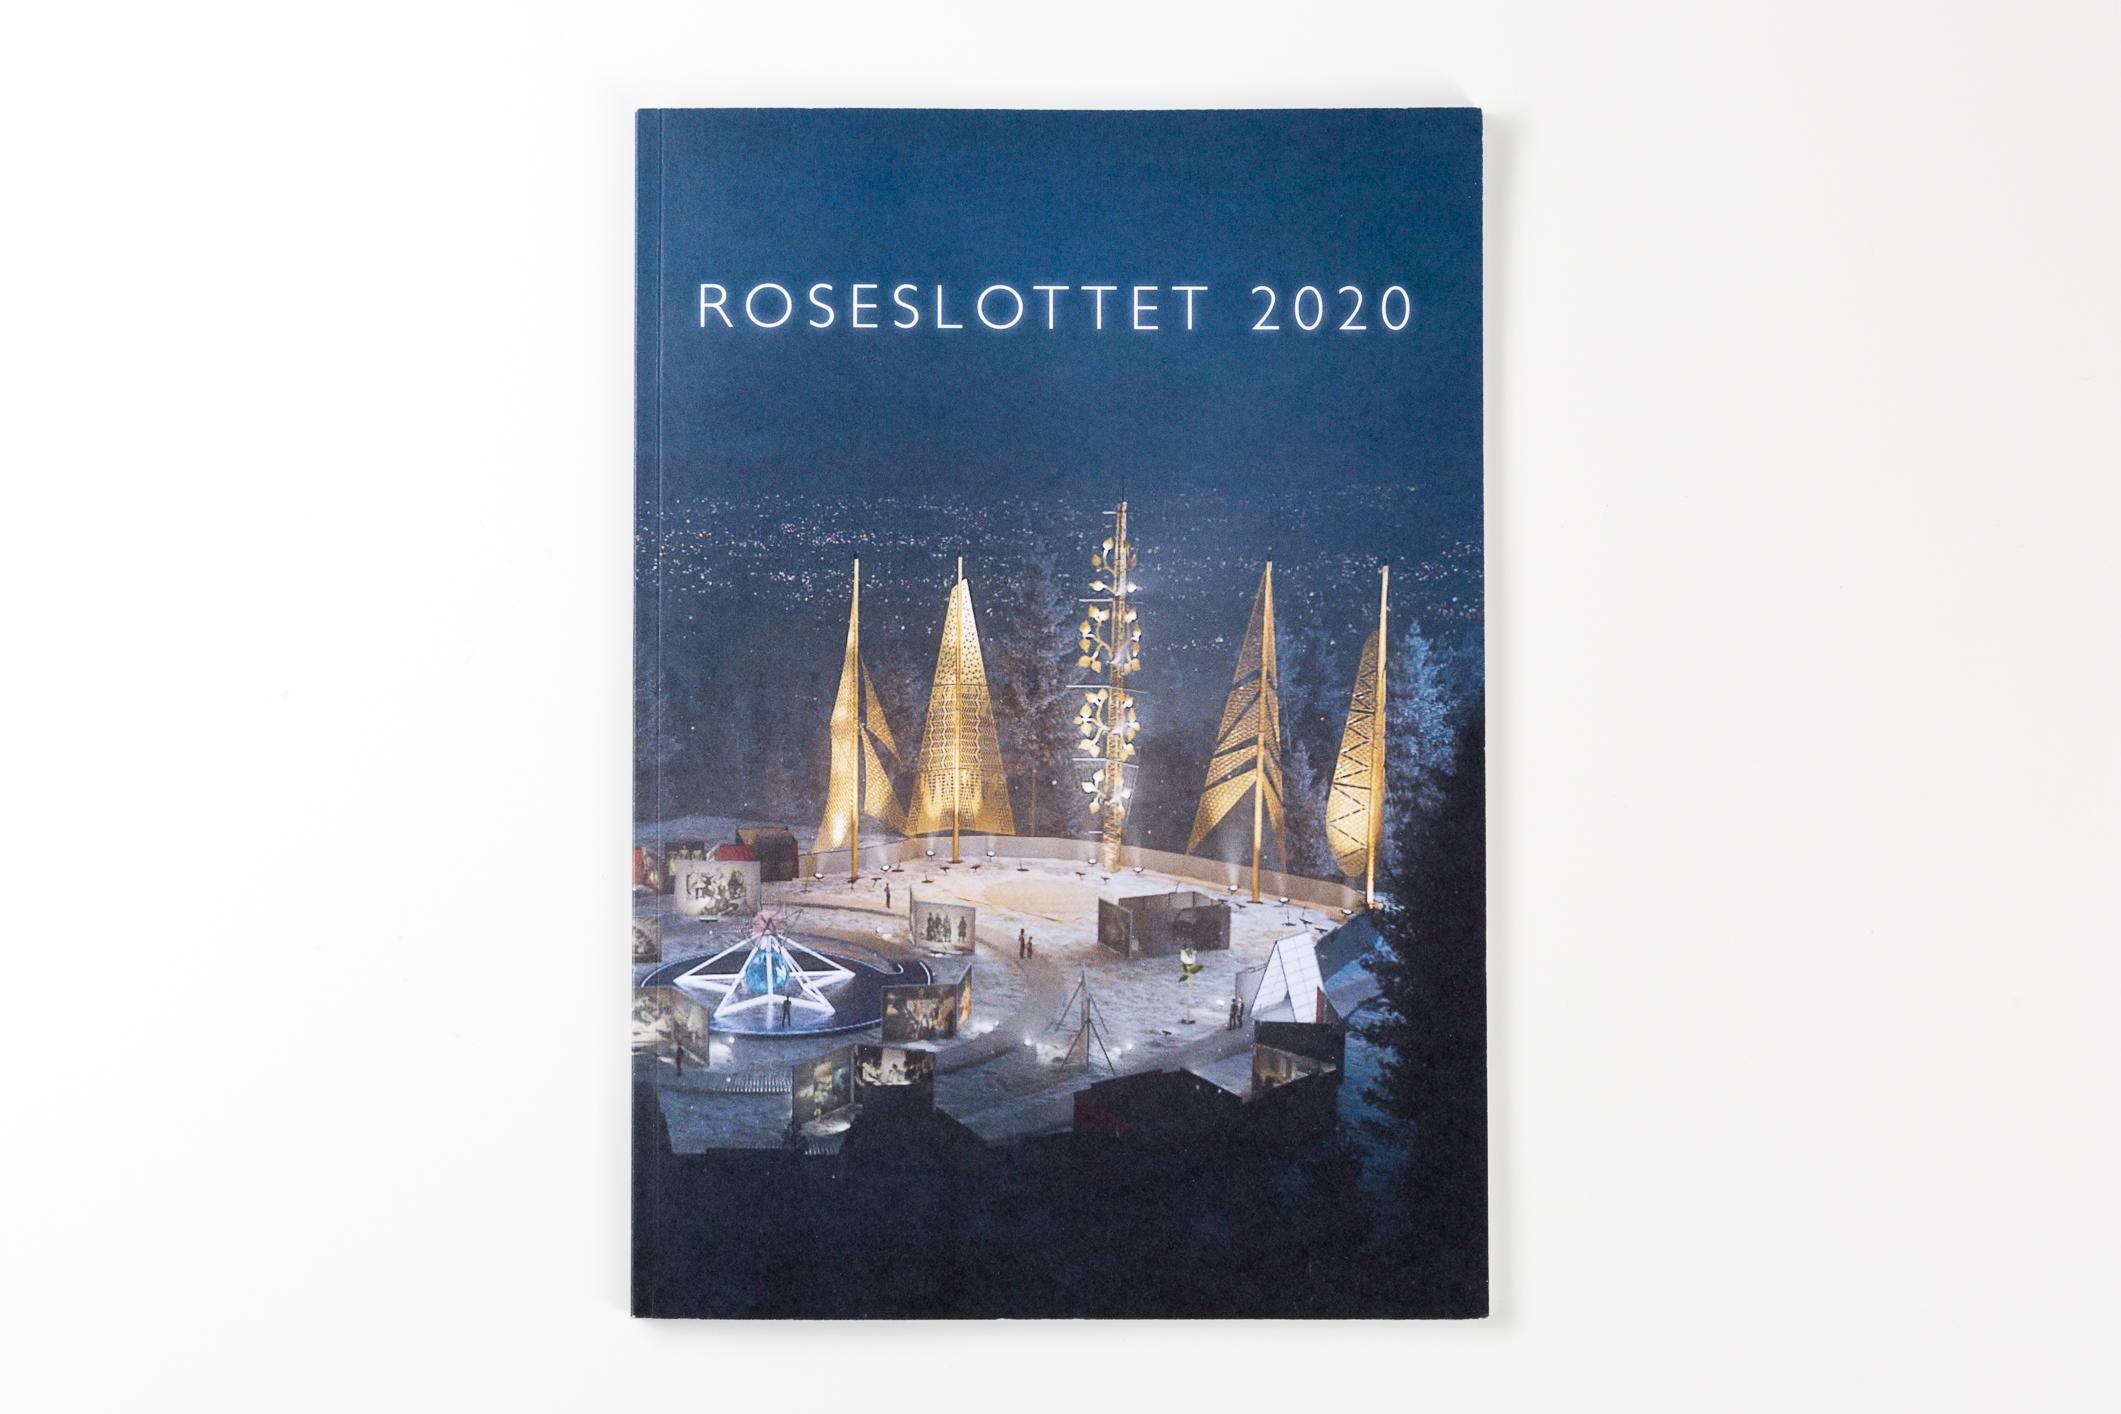 Roseslottet_Katalog-1.jpg